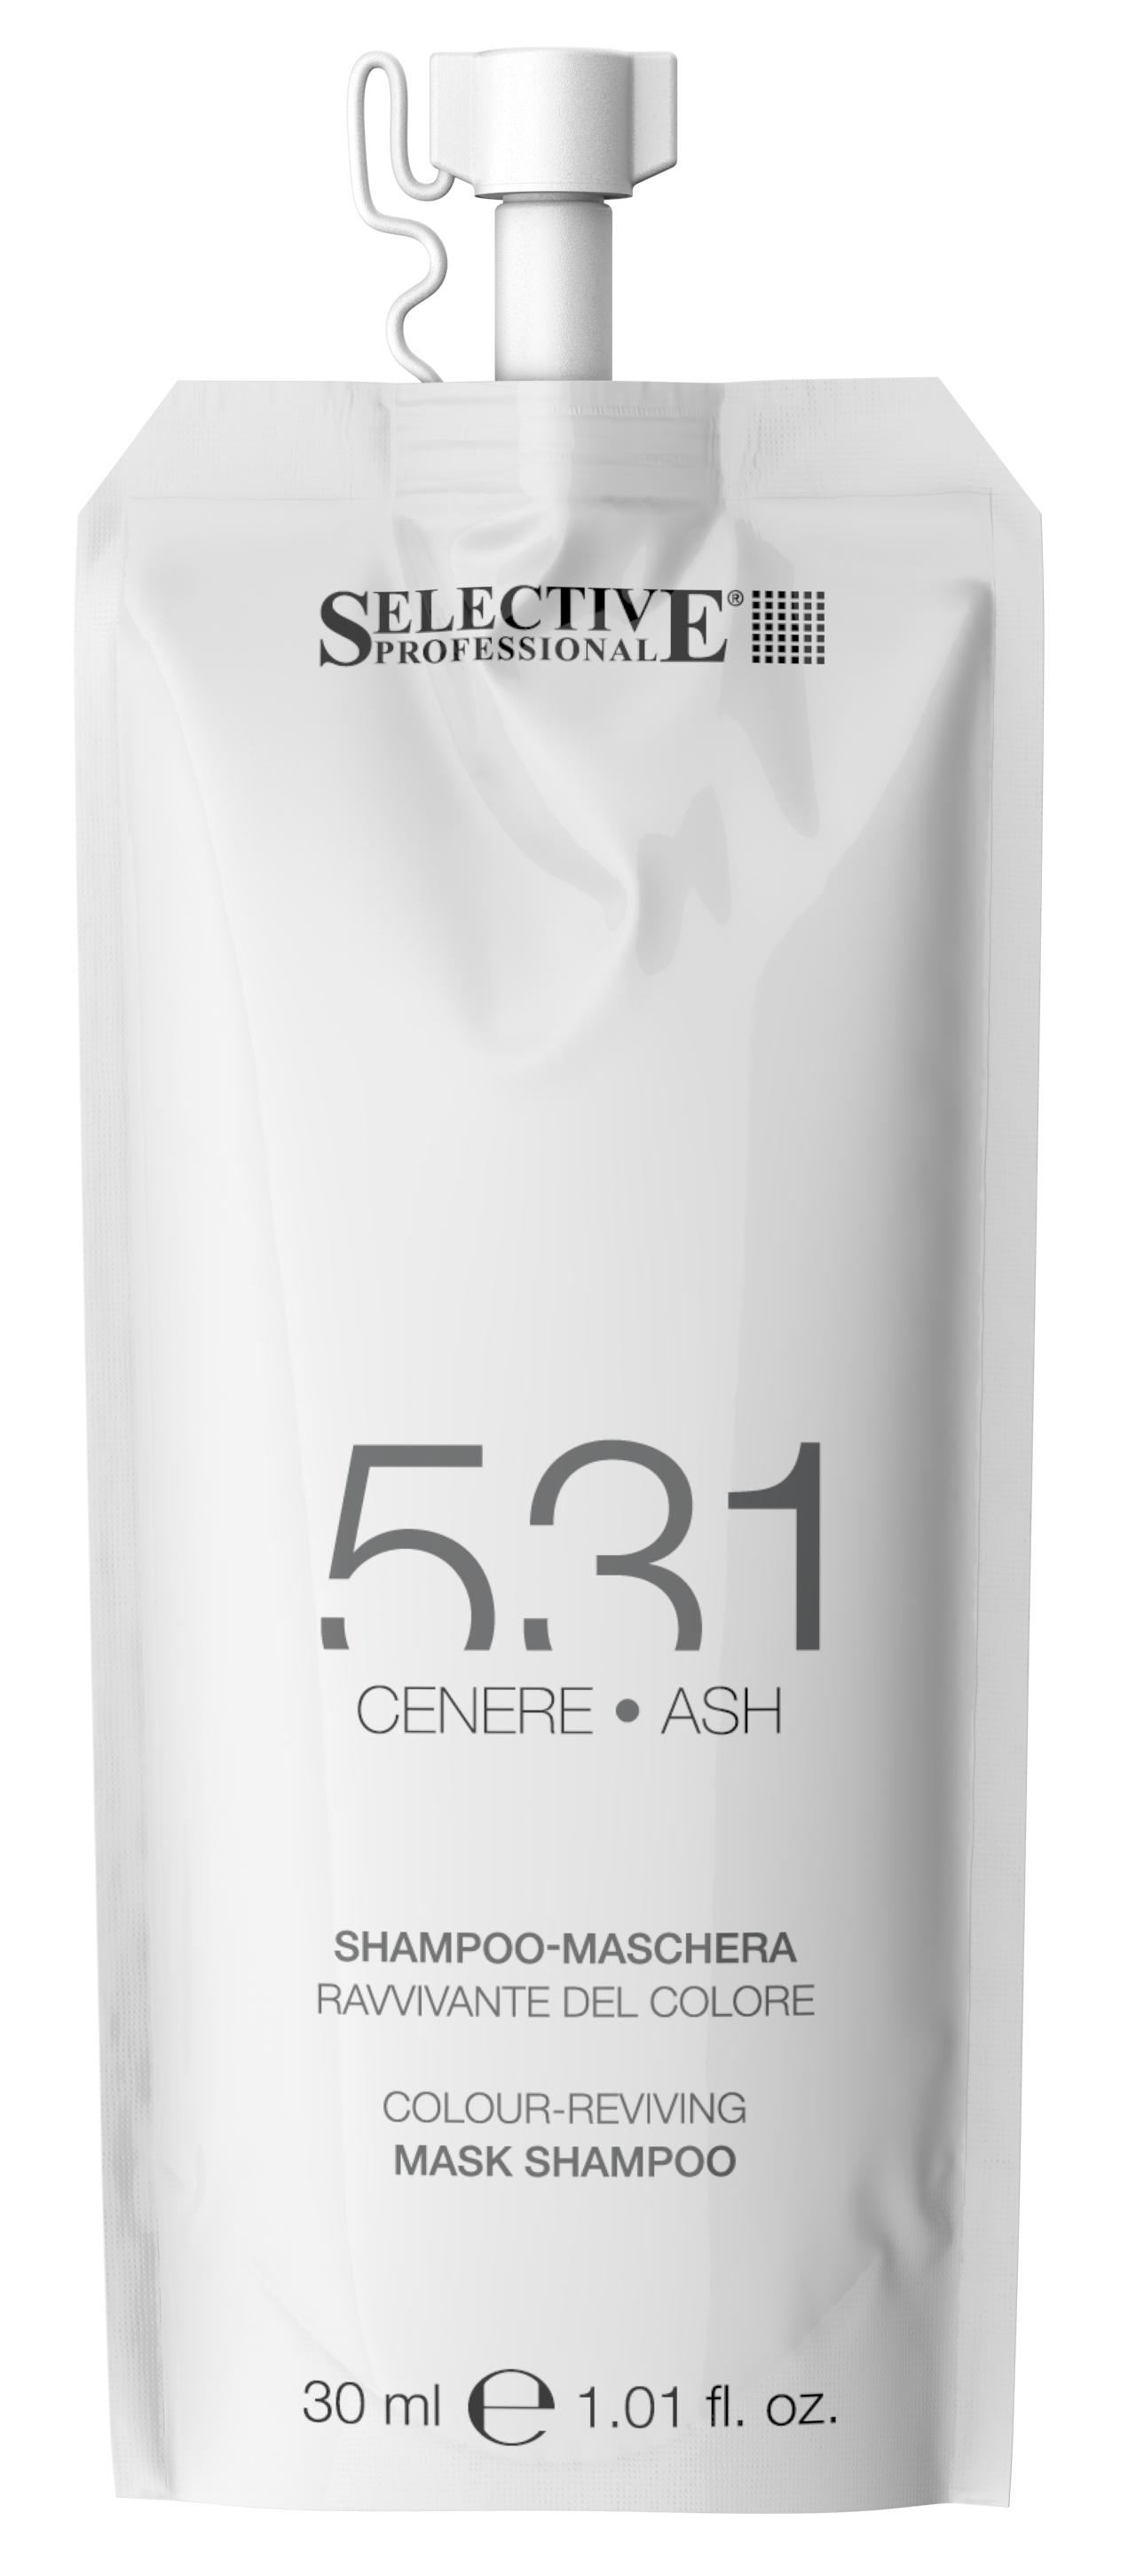 Купить SELECTIVE PROFESSIONAL Шампунь-маска для возобновления цвета волос 531, пепельный 30 мл